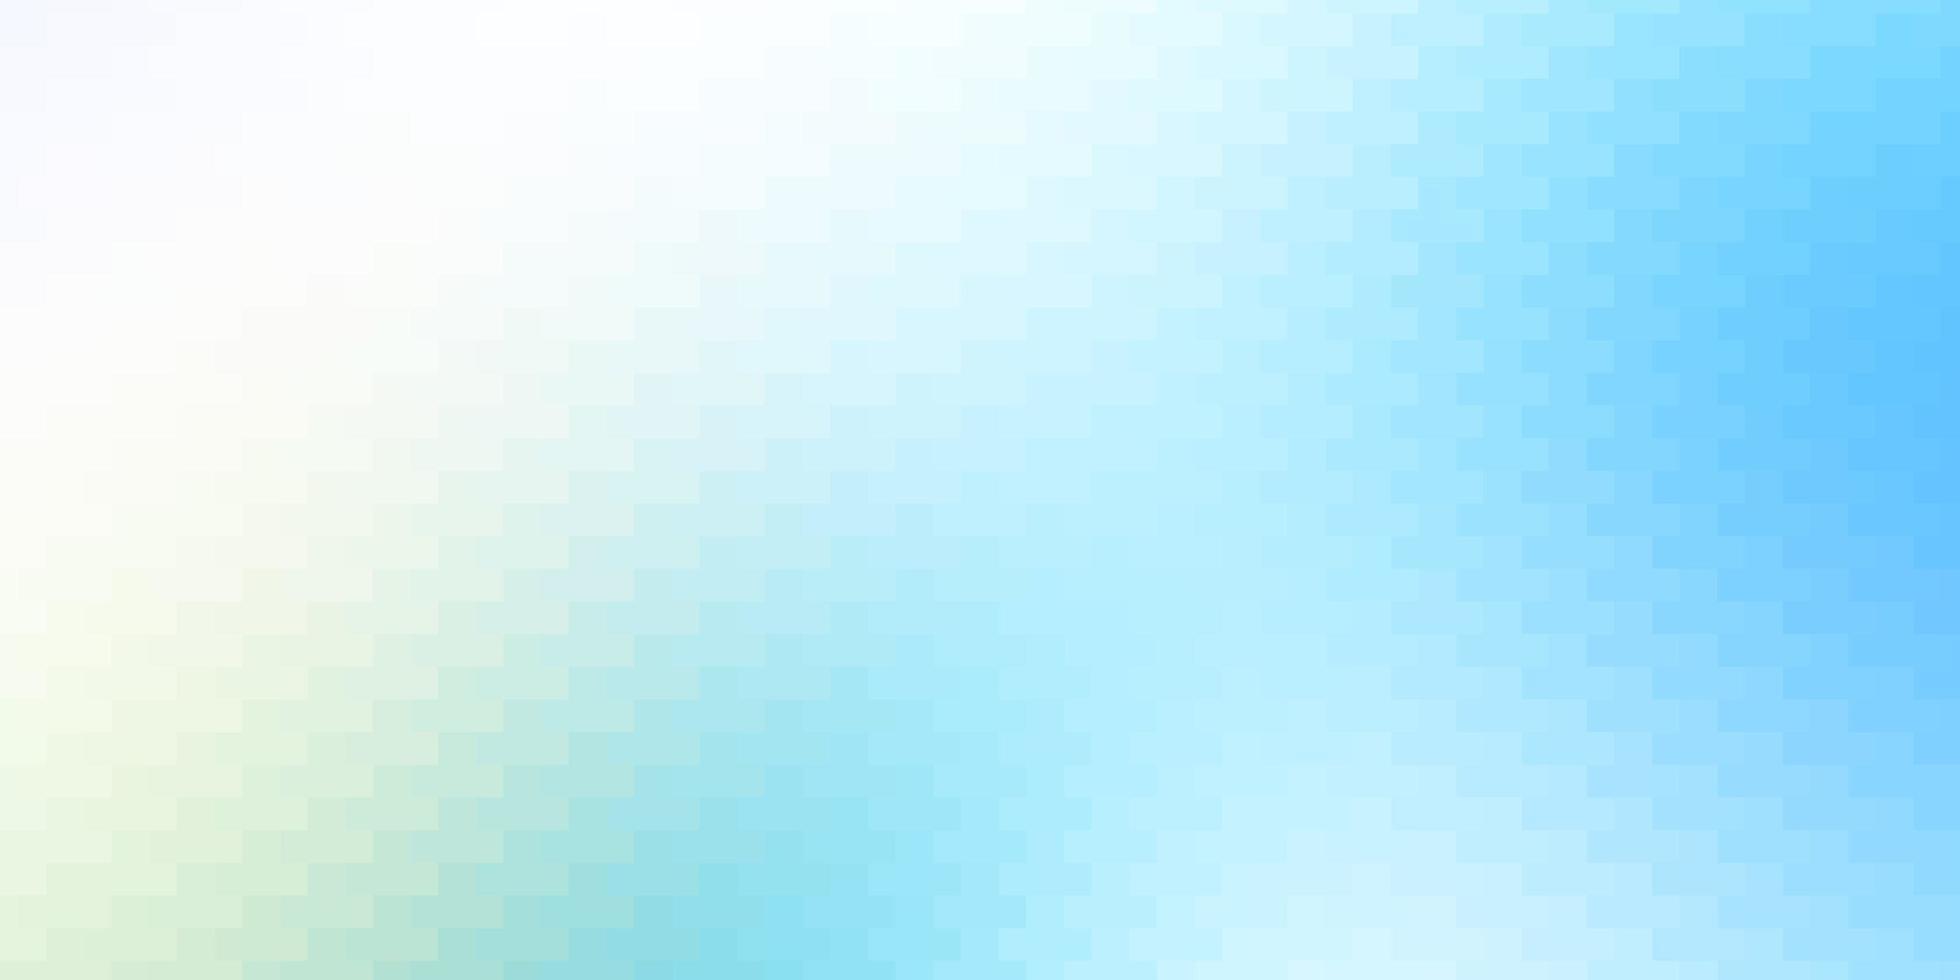 fond bleu clair avec des rectangles. vecteur